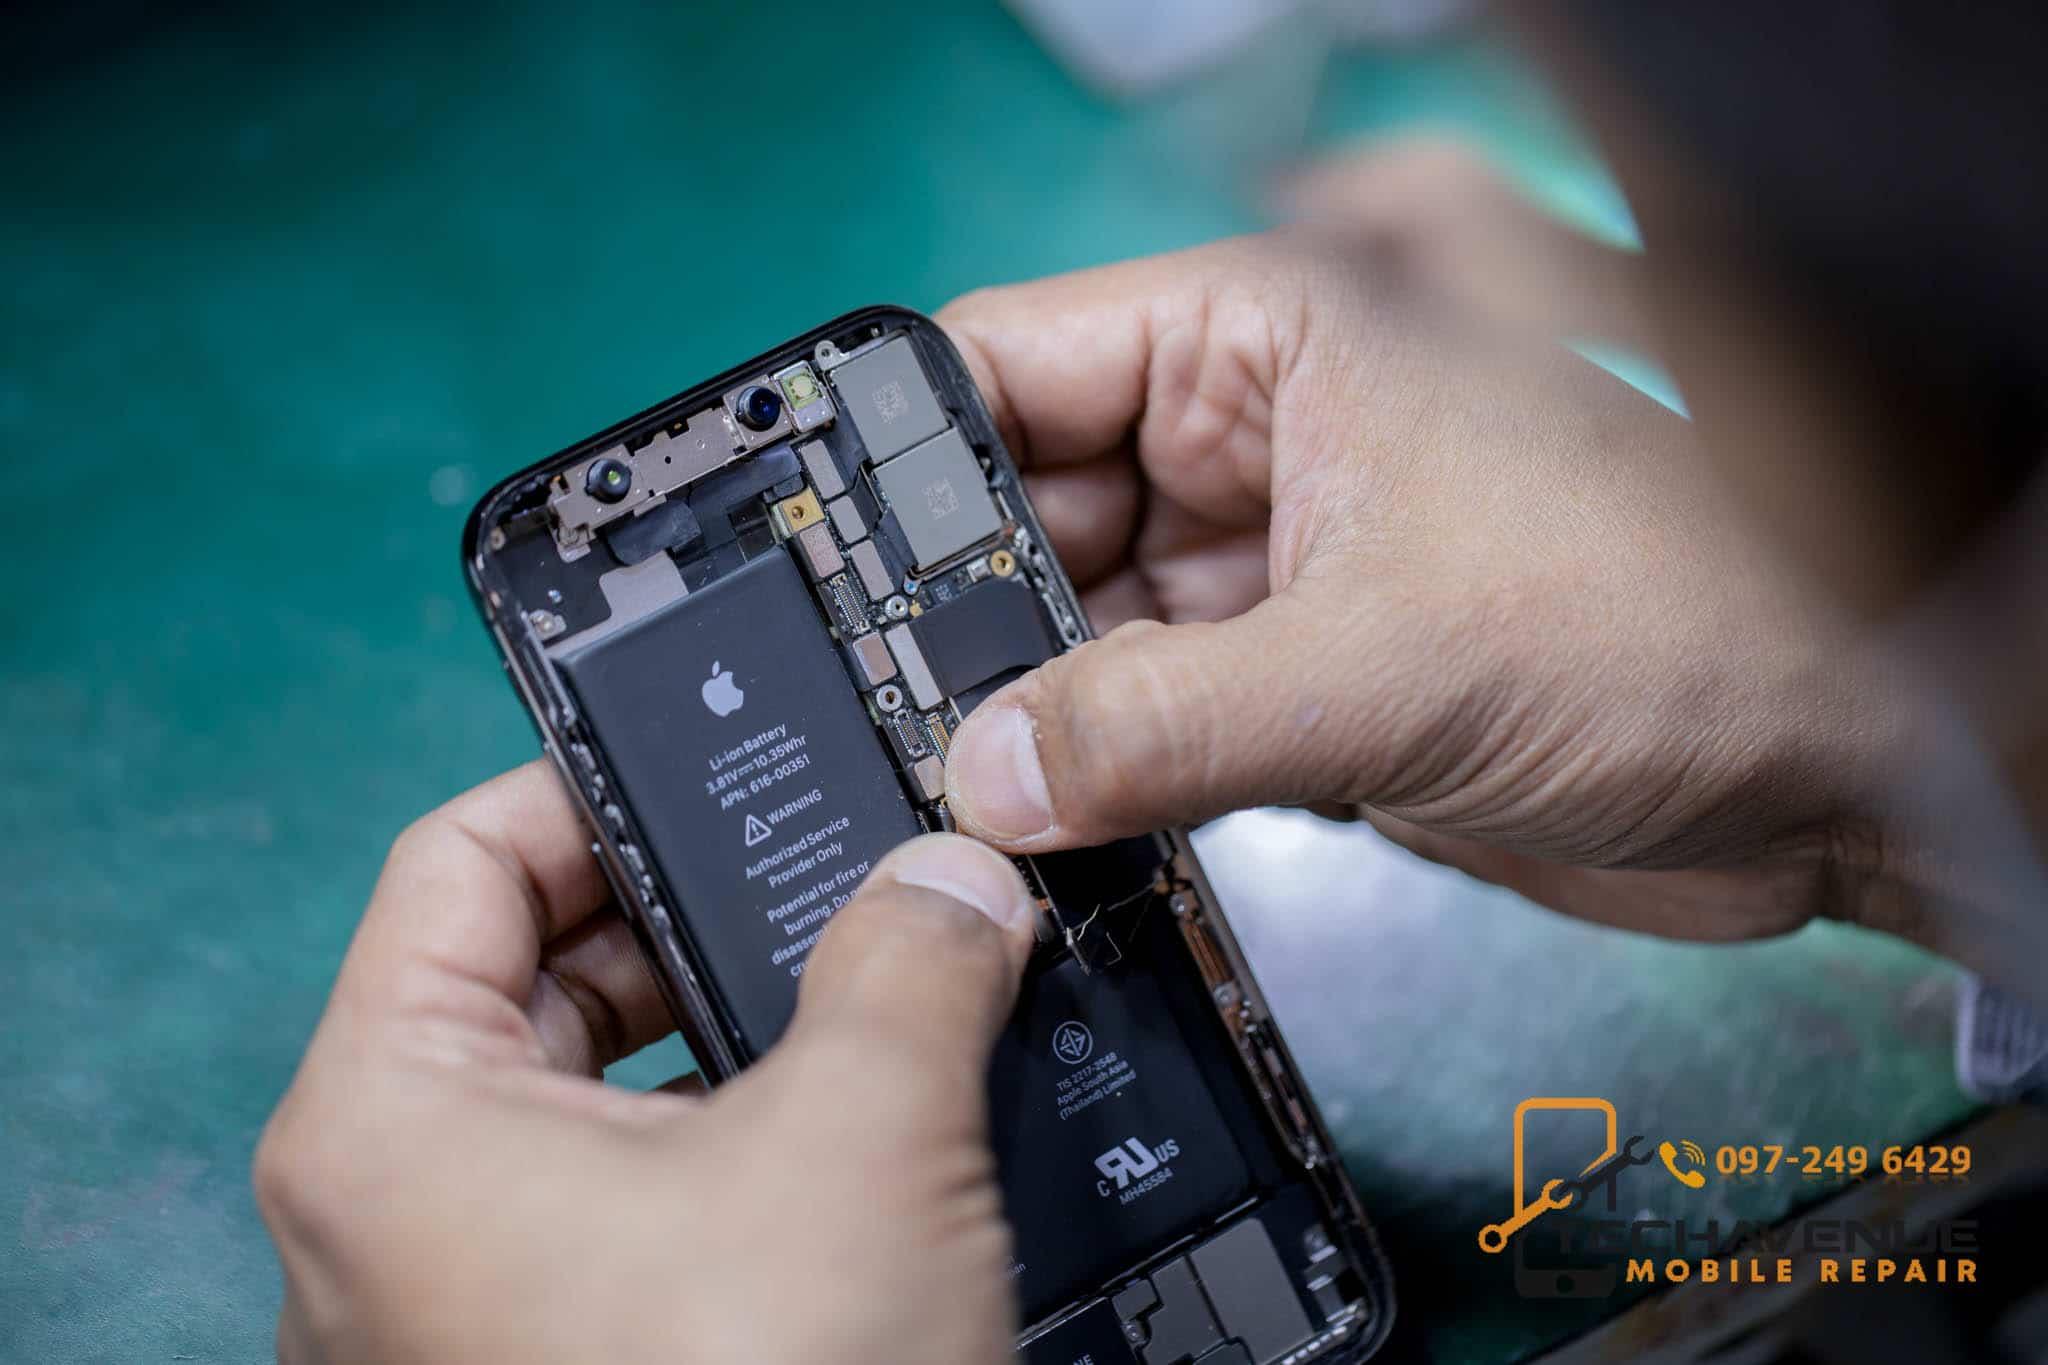 ศูนย์ซ่อมมือถือ ทั่วประเทศไทย ร้านไหนดีบ้าง ให้บริการน่าประทับใจ